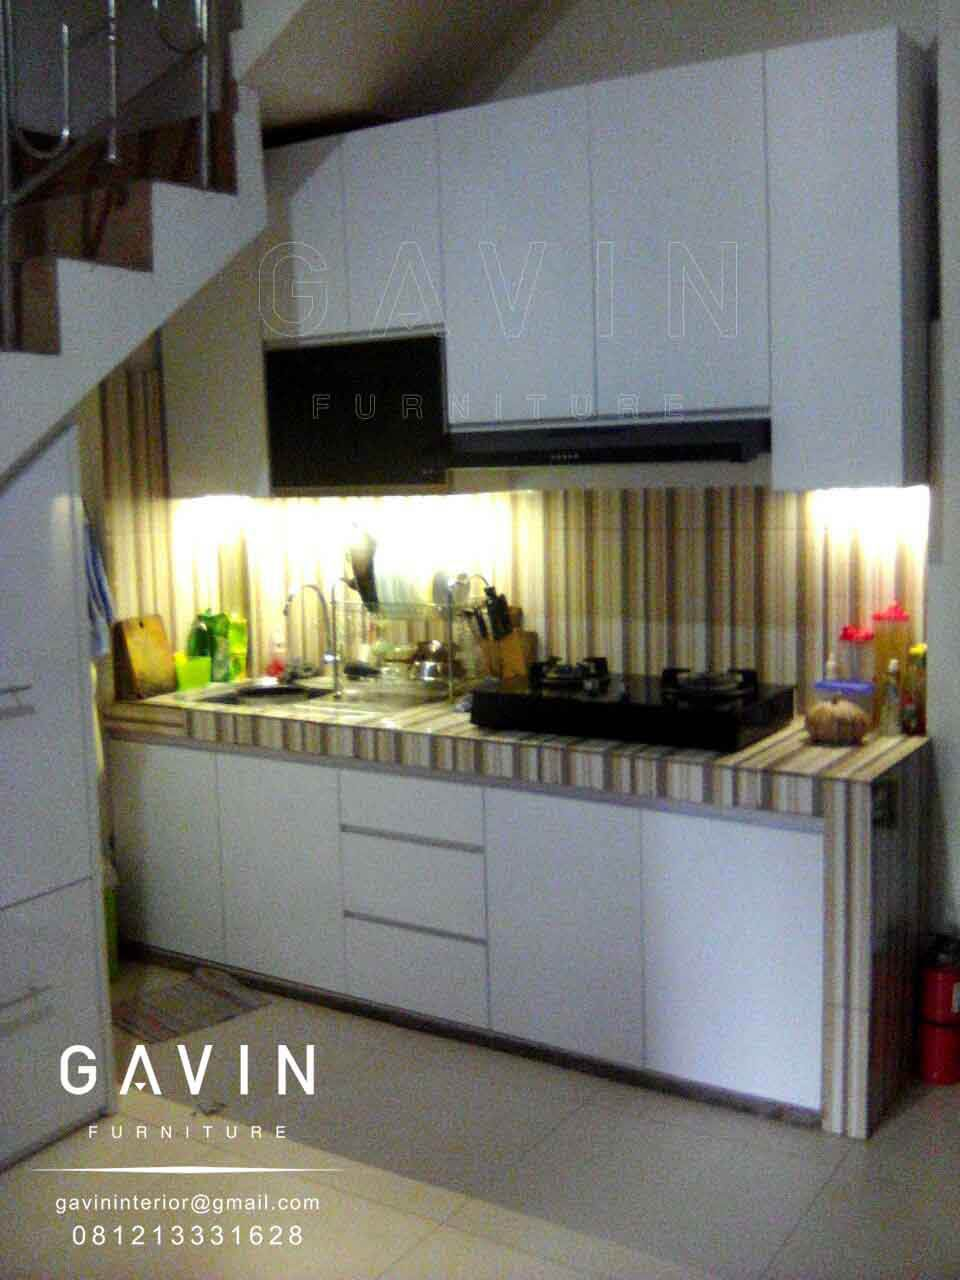 Pembuatan Lemari Dapur Dan Kitchen Set Custom Gavin Furniture Bawah Tangga Solusi Anda Bisa Menjadi